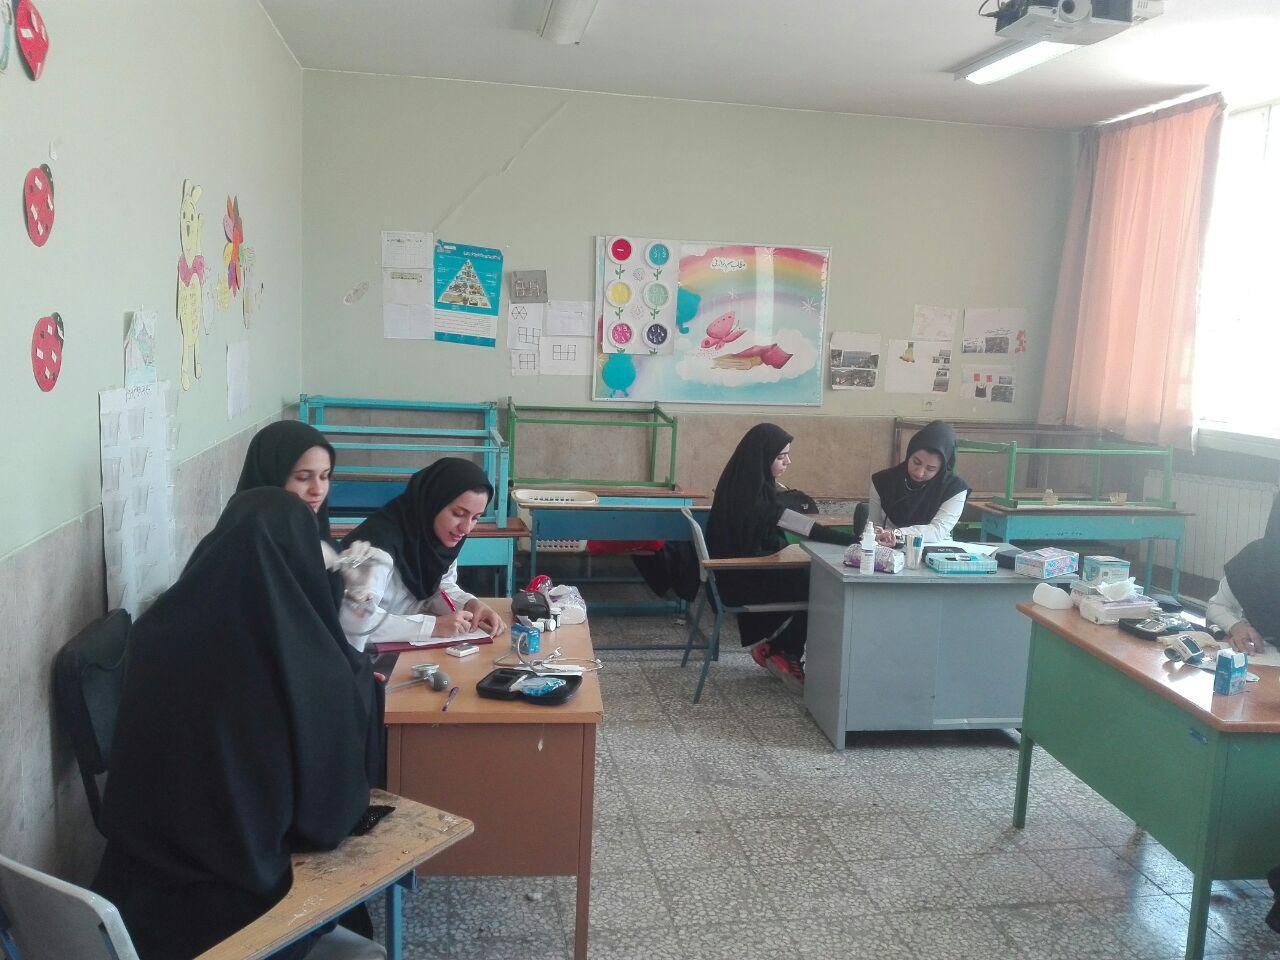 فعالیت گروه جهادی آلام خاکی بسیج دانشجویی دانشگاه آزاد شهرستان فلاورجان +تصاویر